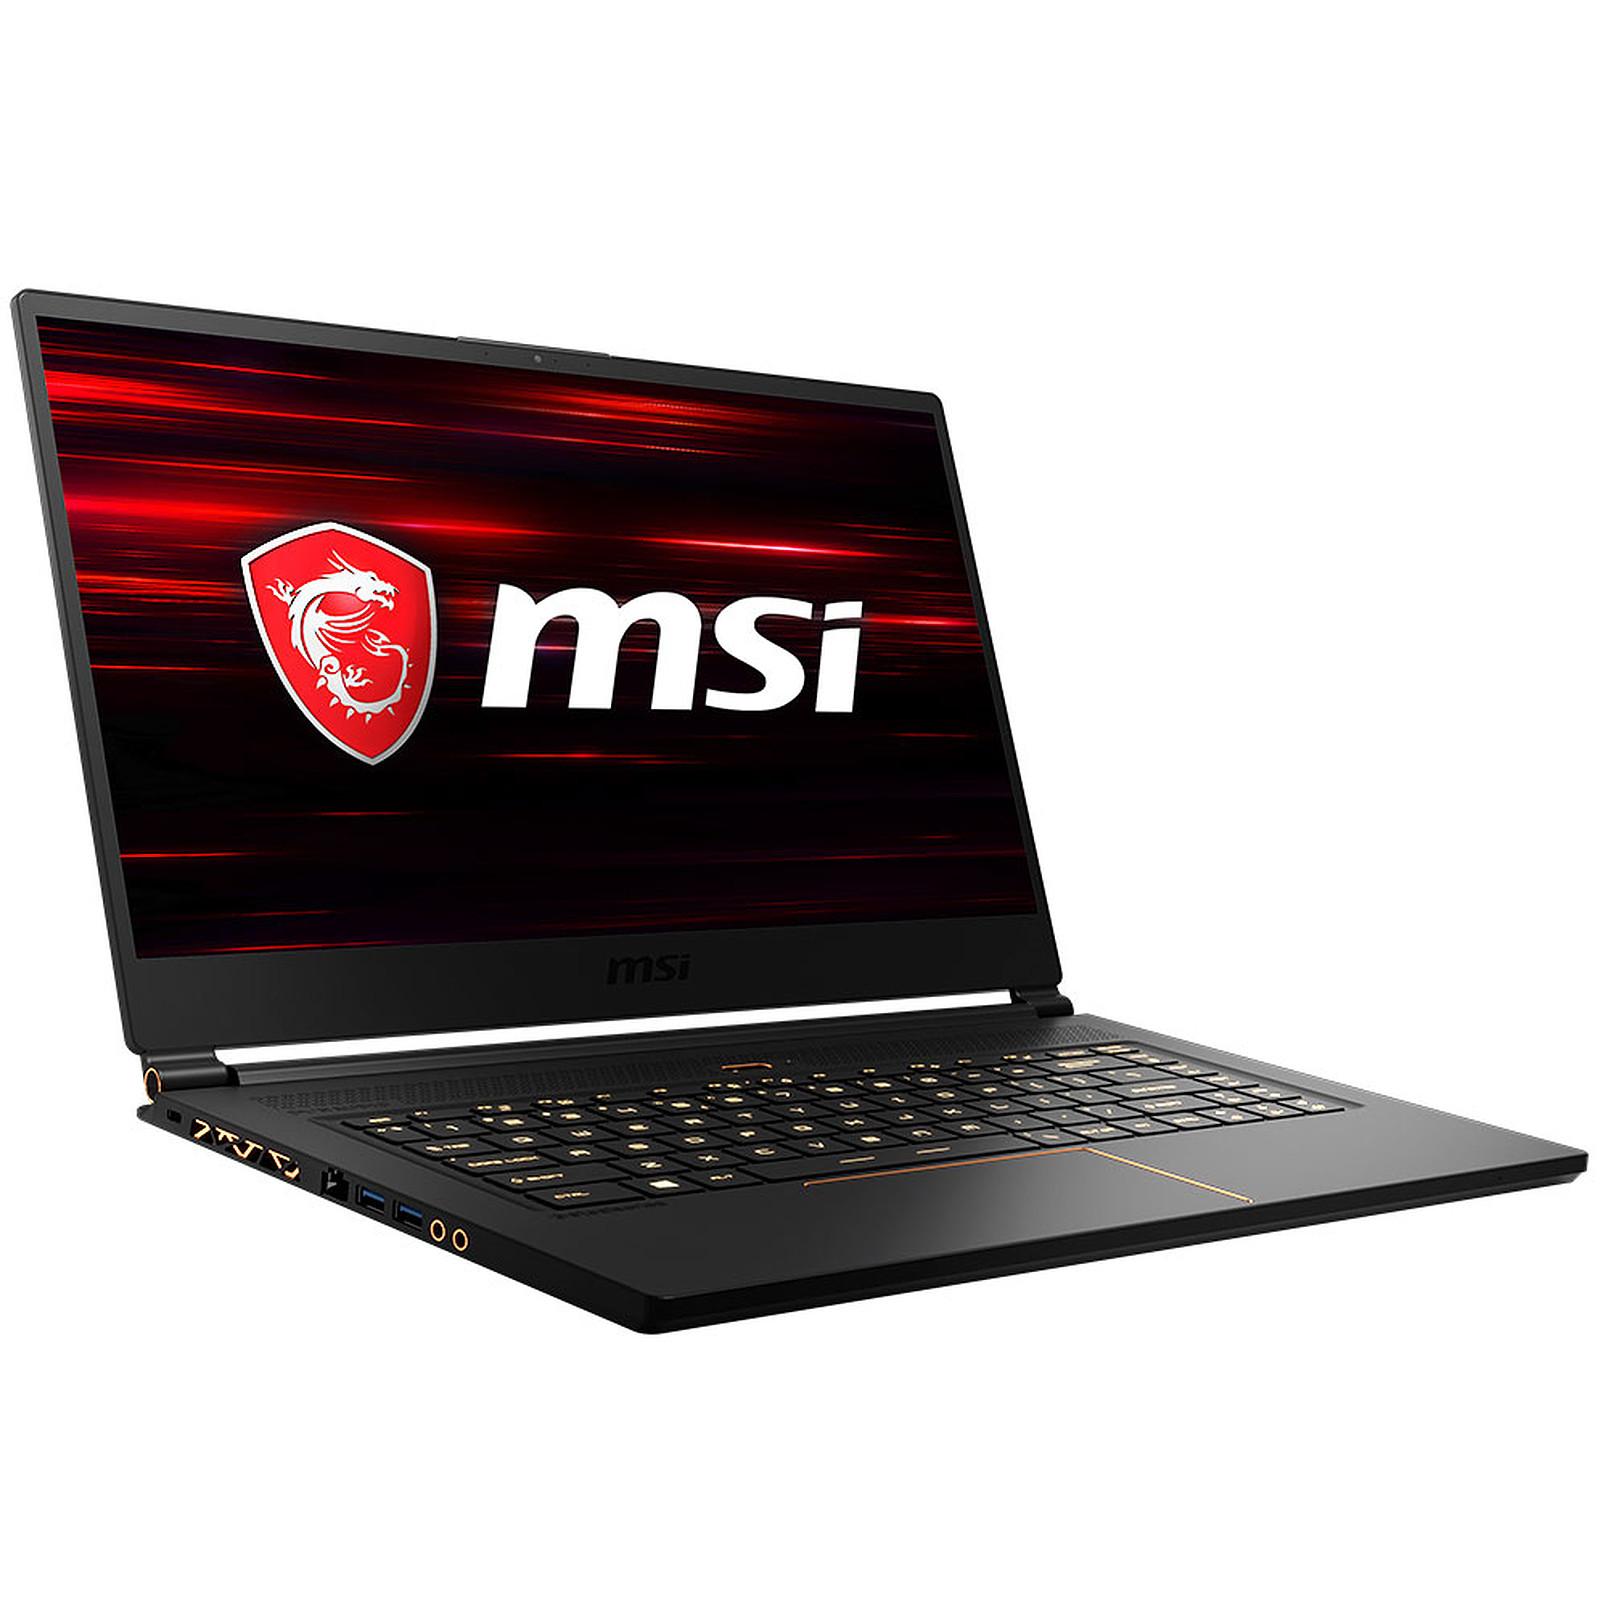 MSI GS65 8SE-054FR Stealth Thin